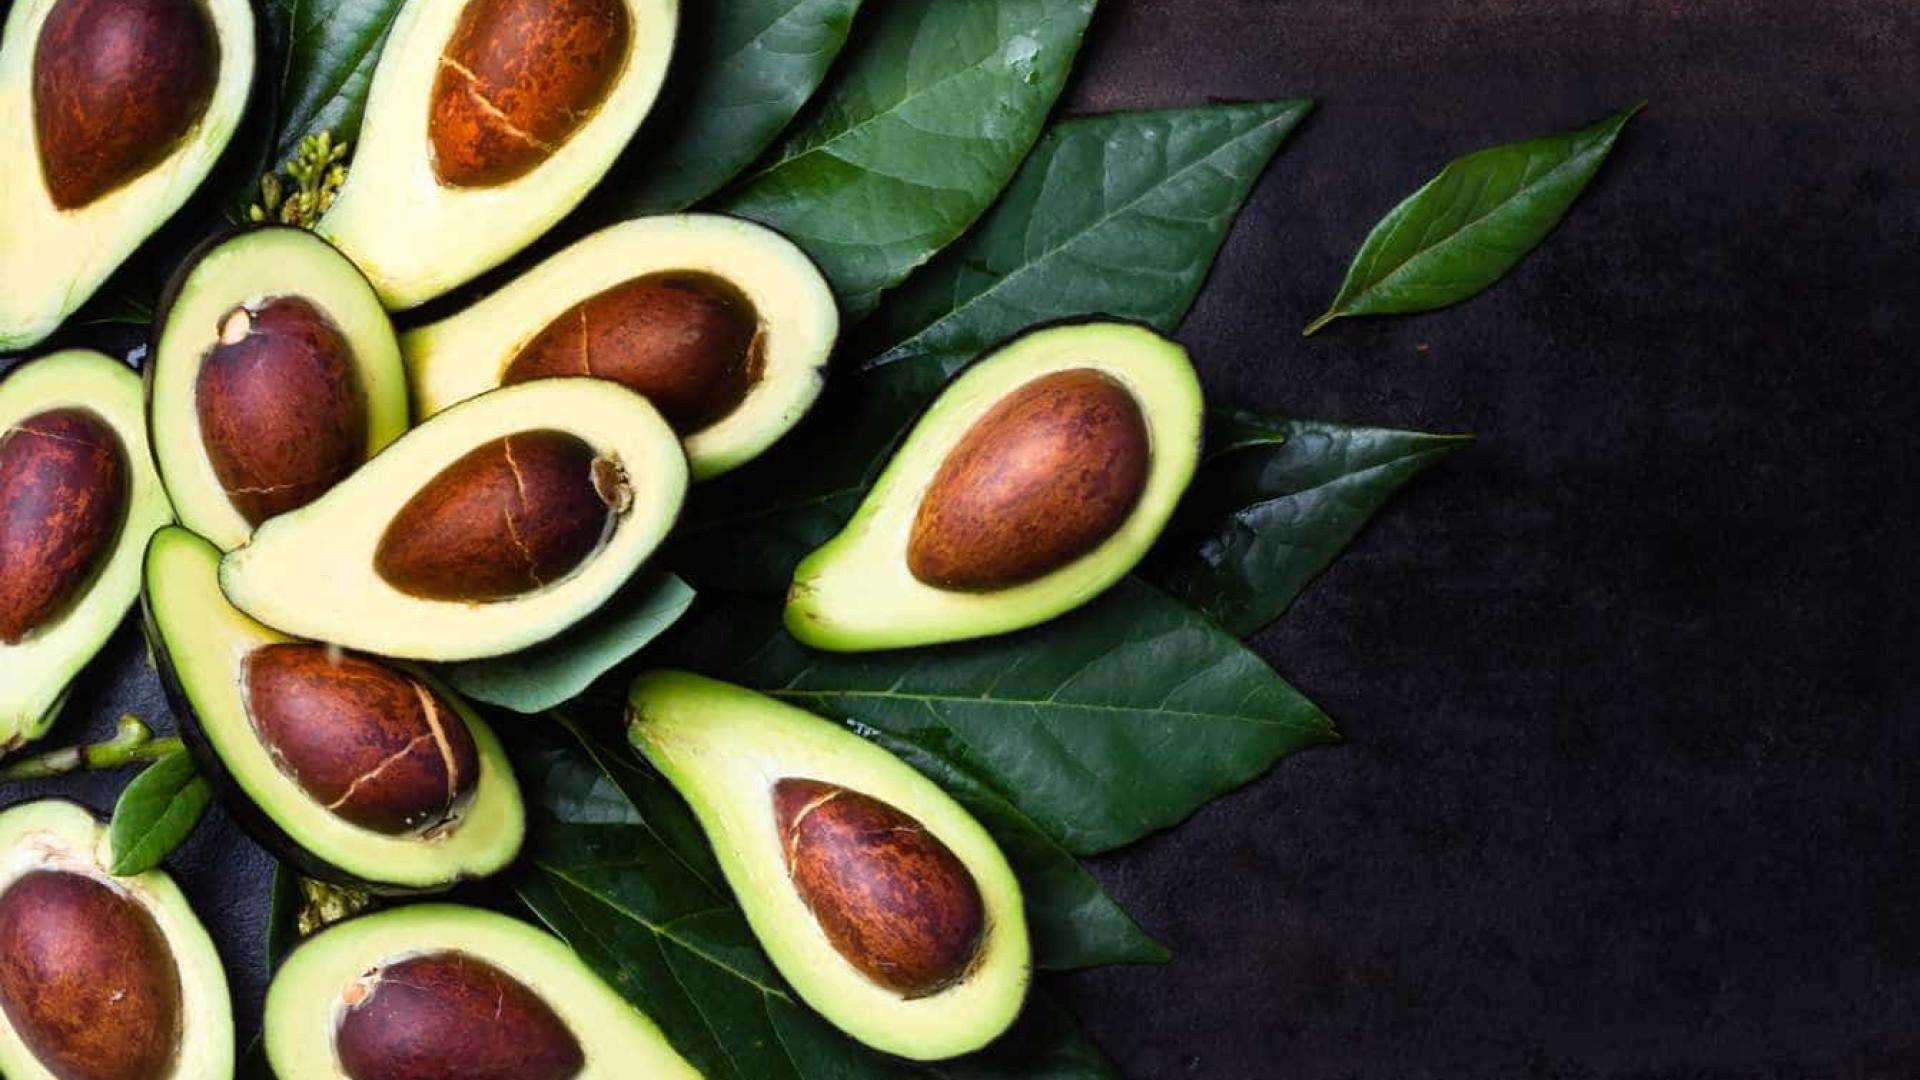 Os diversos motivos para comer abacate